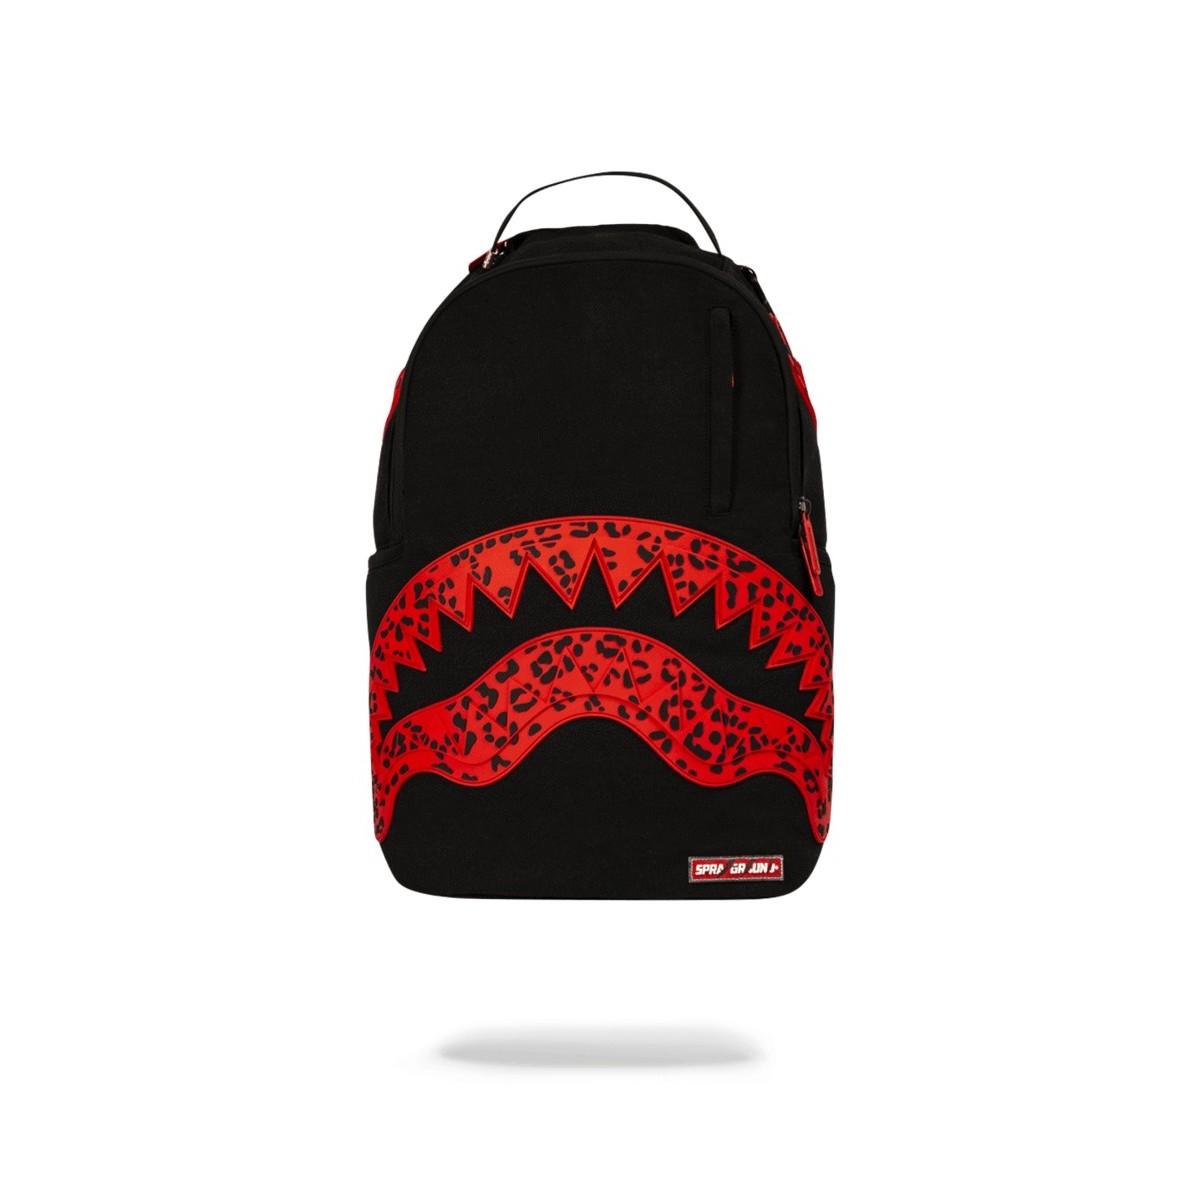 Zaino Sprayground - Red leopard shark mouth